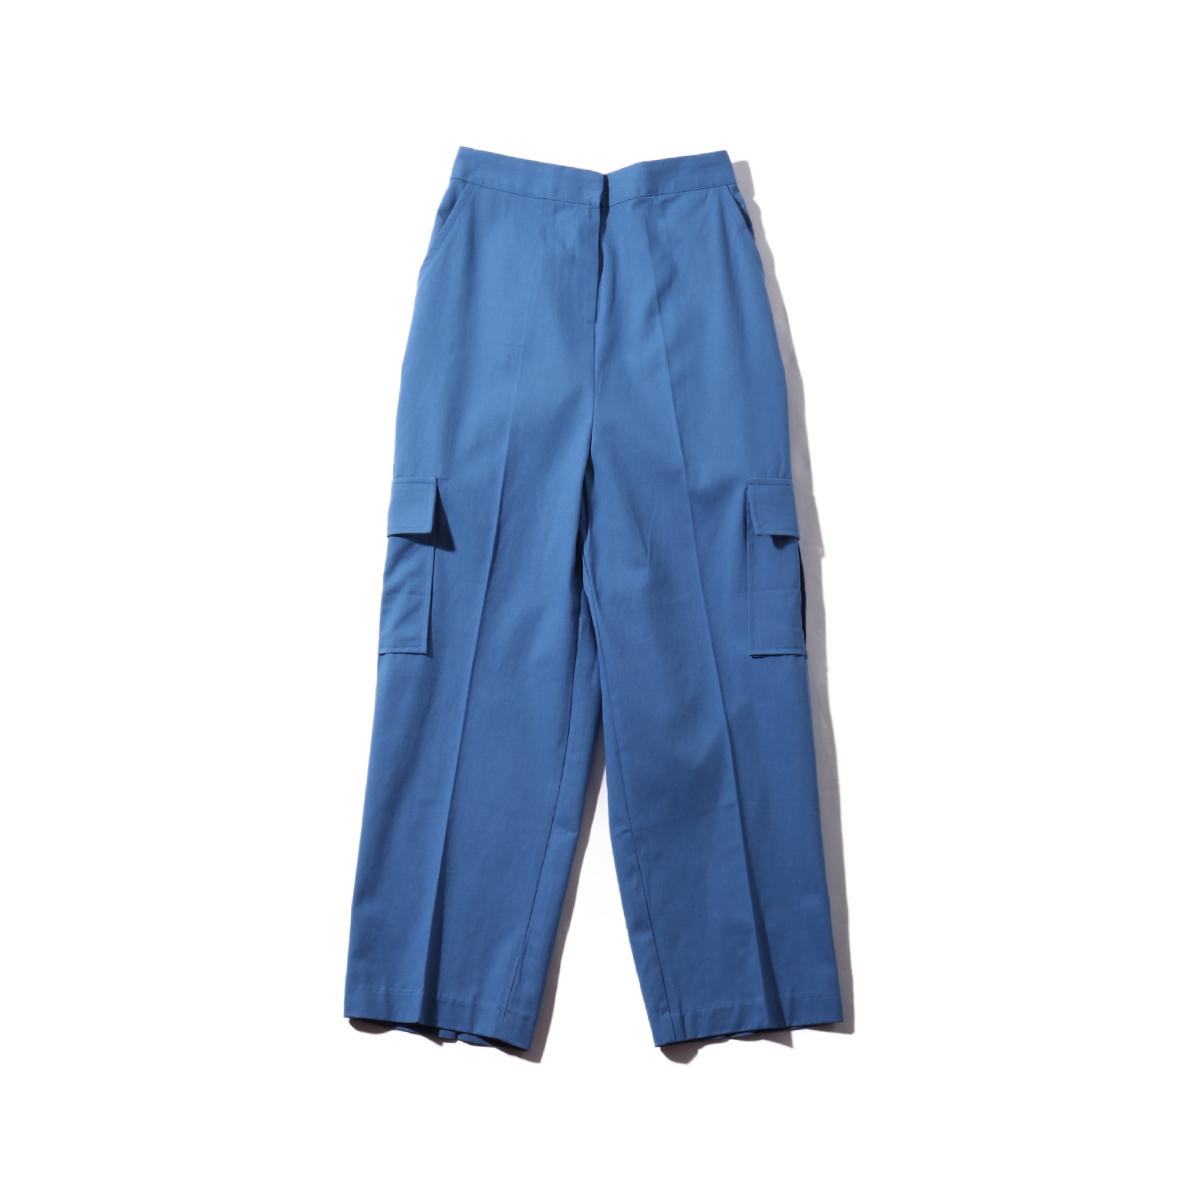 atmos pink ビックポケットカラーカーゴパンツ TX(アトモスピンク ビックポケットカラーカーゴパンツ TX)BLUE【レディース ロングパンツ】19FA-I